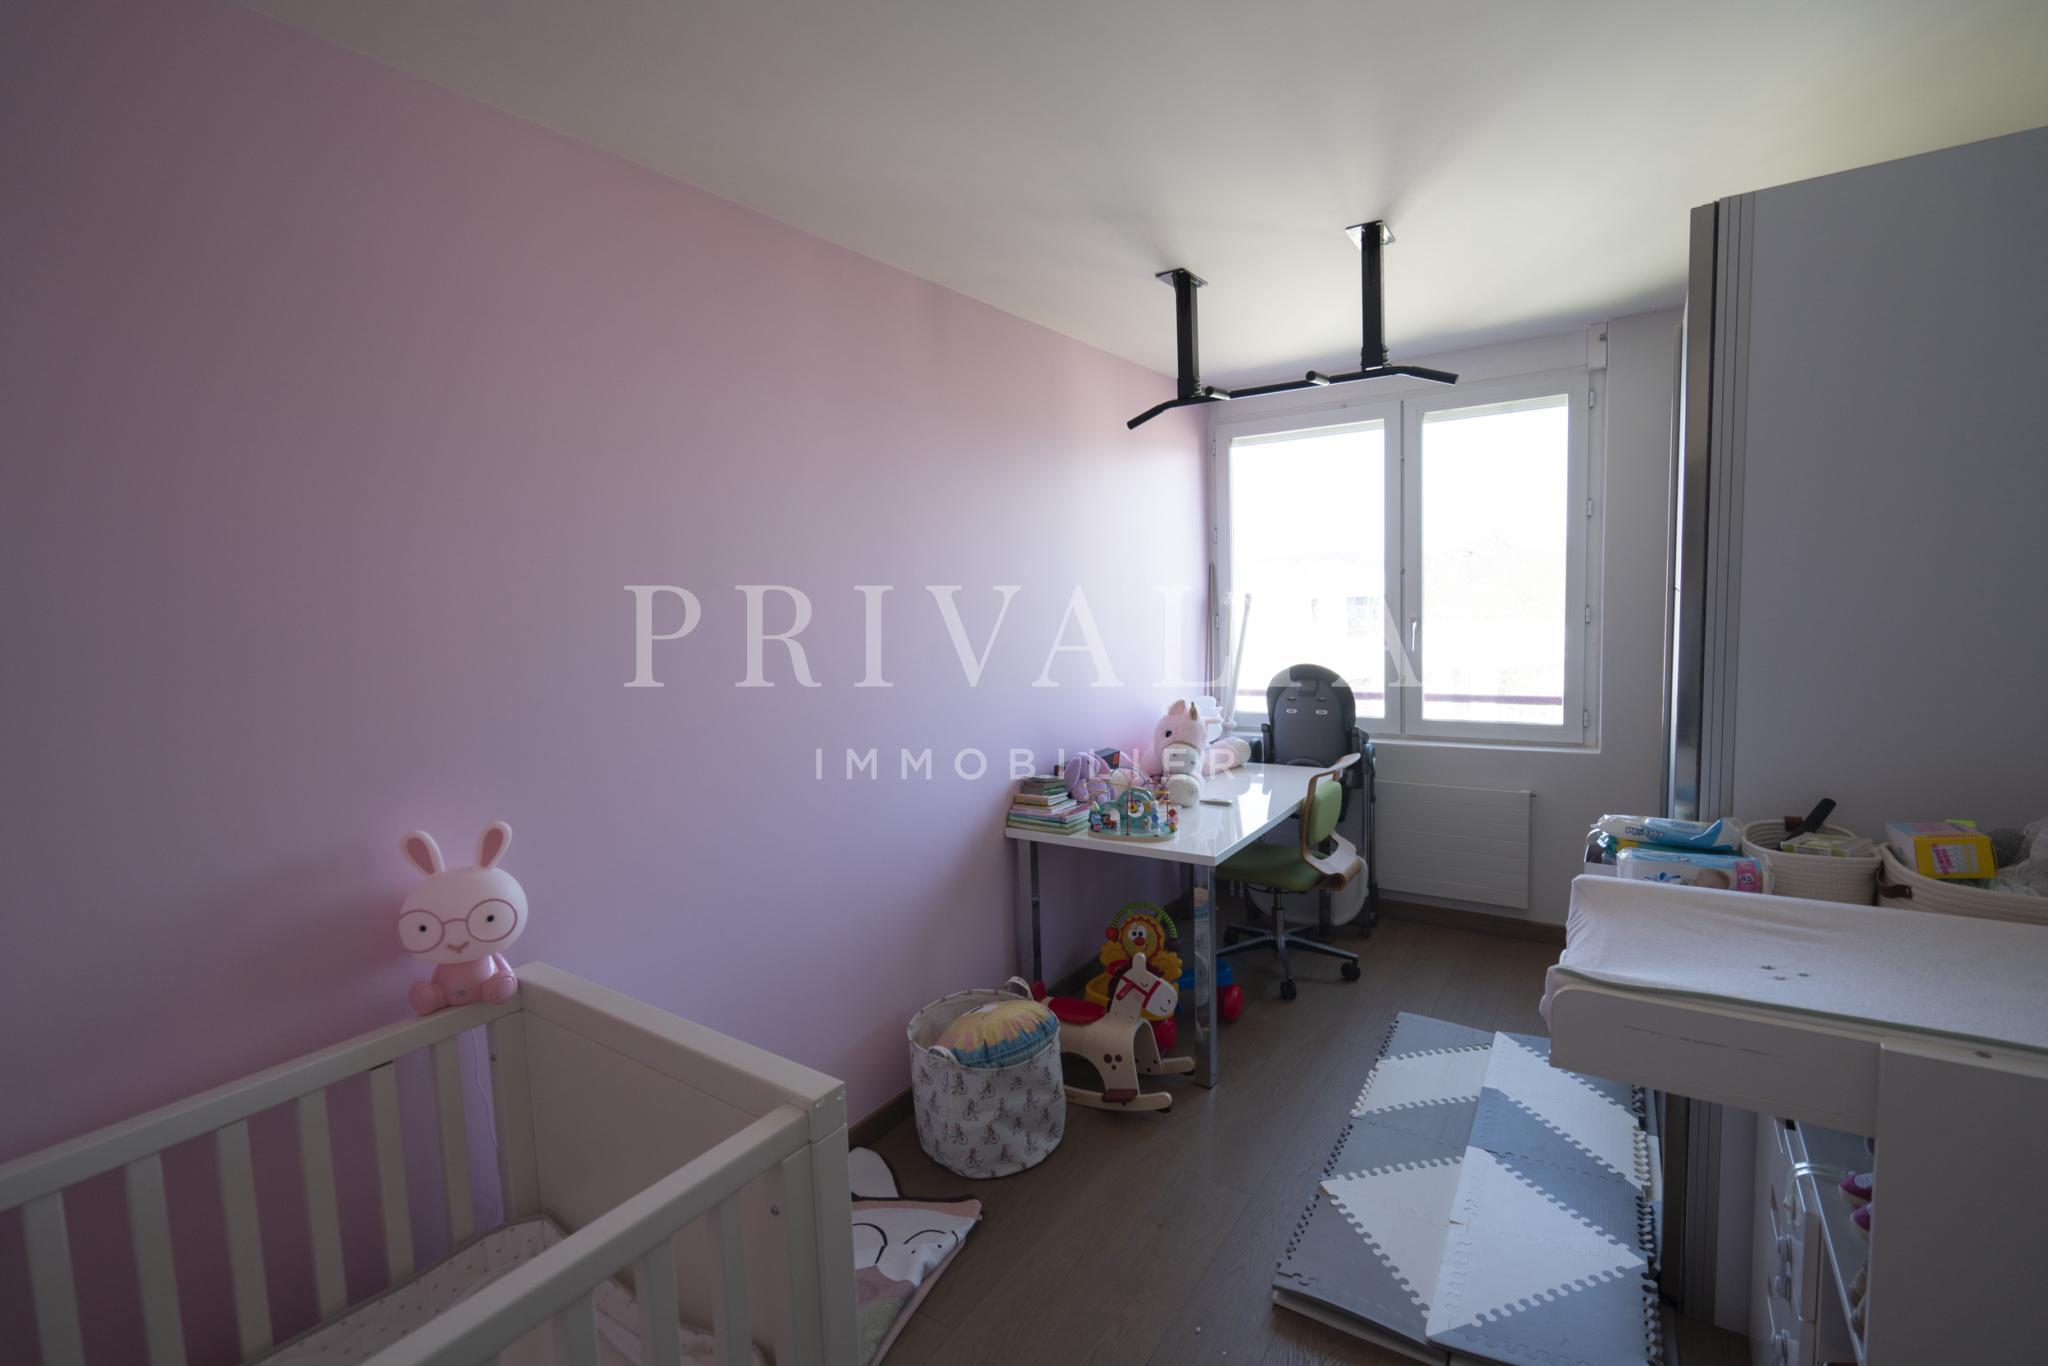 PrivaliaBel appartement de 6 pièces entièrement rénové